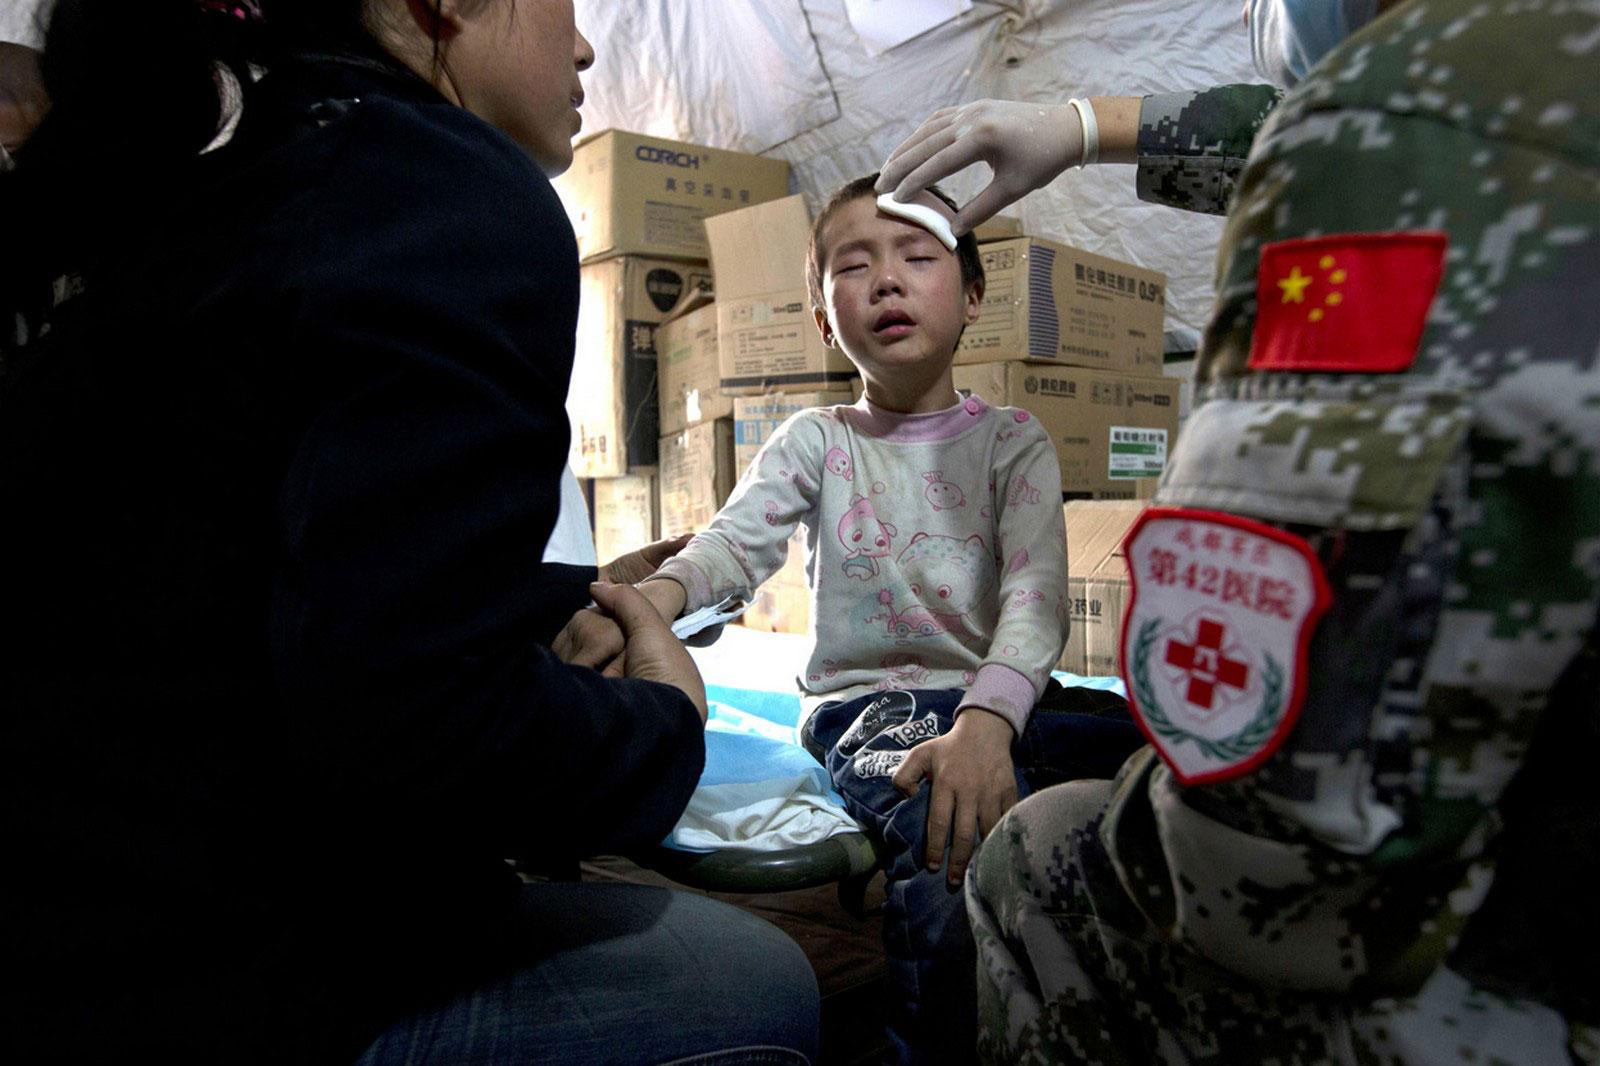 Ребенку оказывают медицинскую помощь